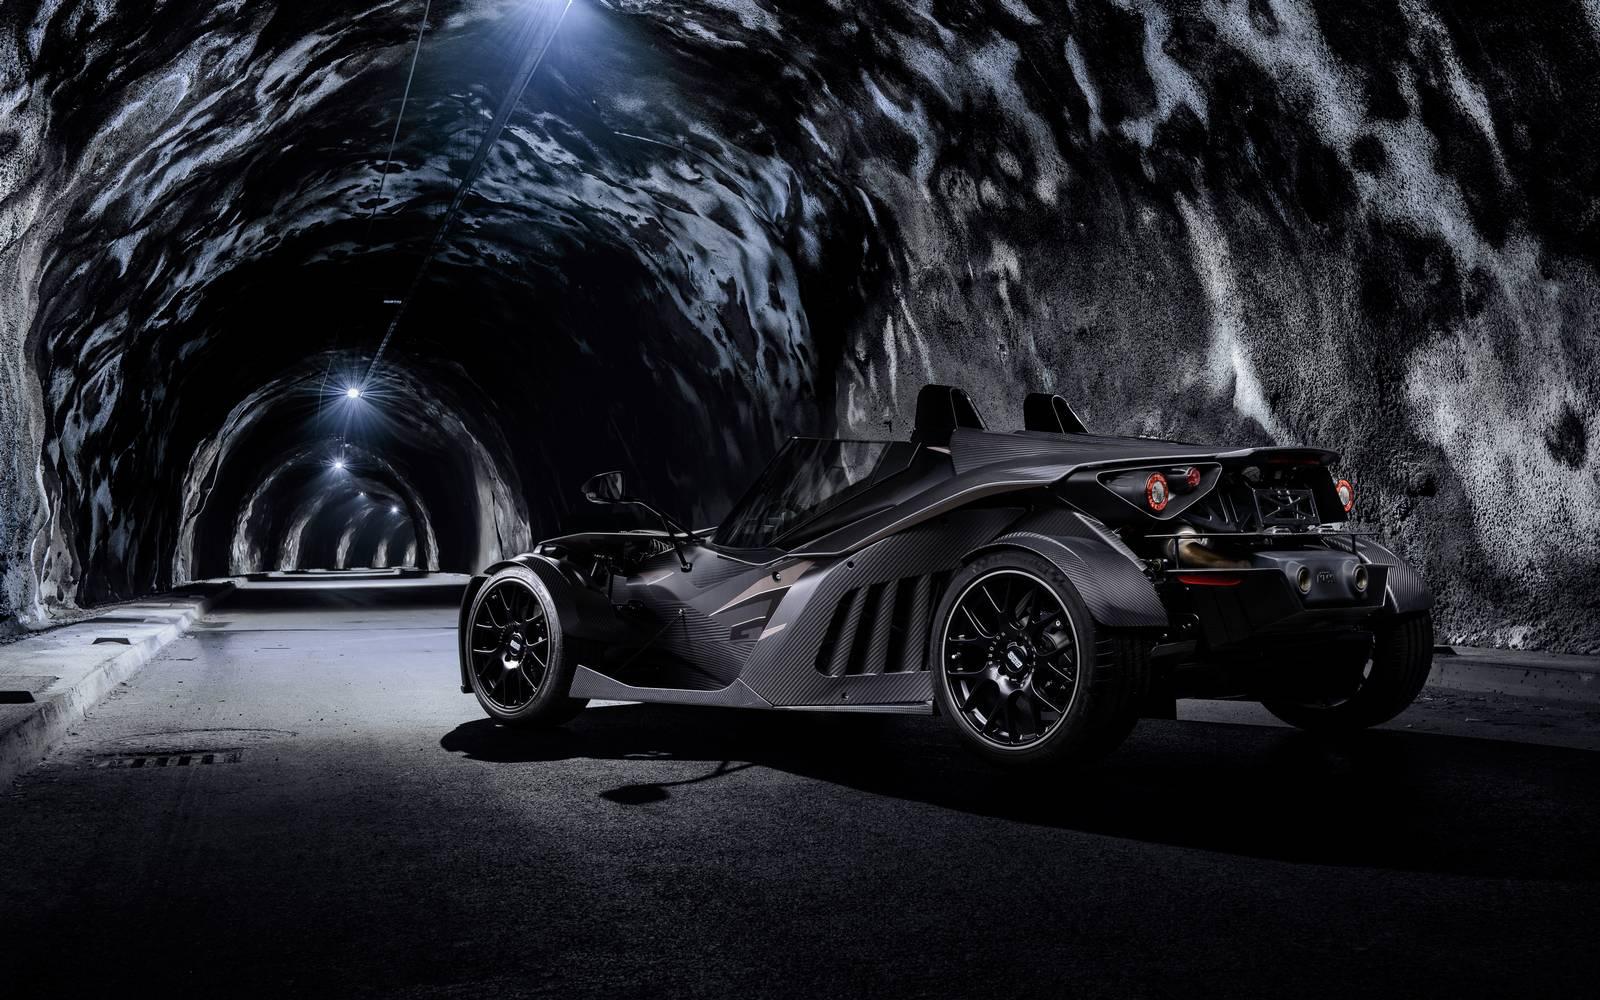 KTM cars